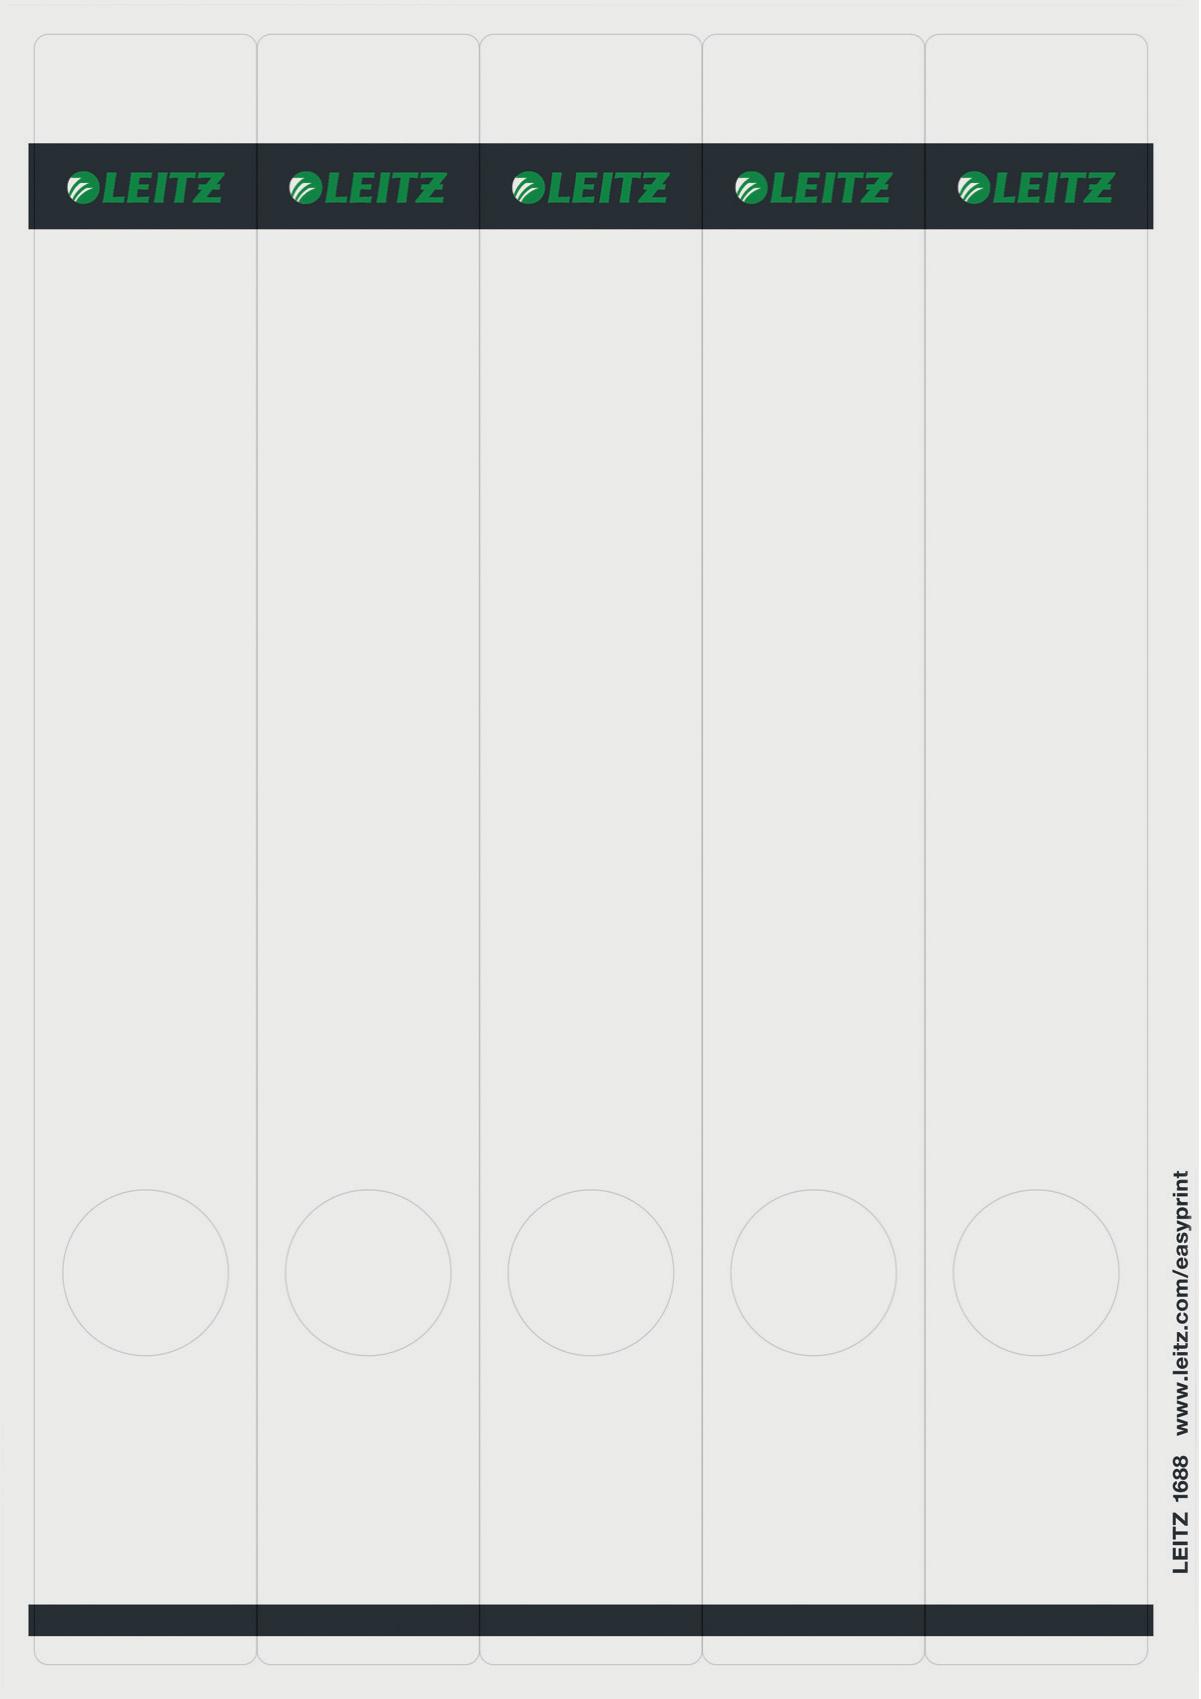 Leitz 16880085 Rettangolo Grigio 125pezzo(i) etichetta autoadesiva